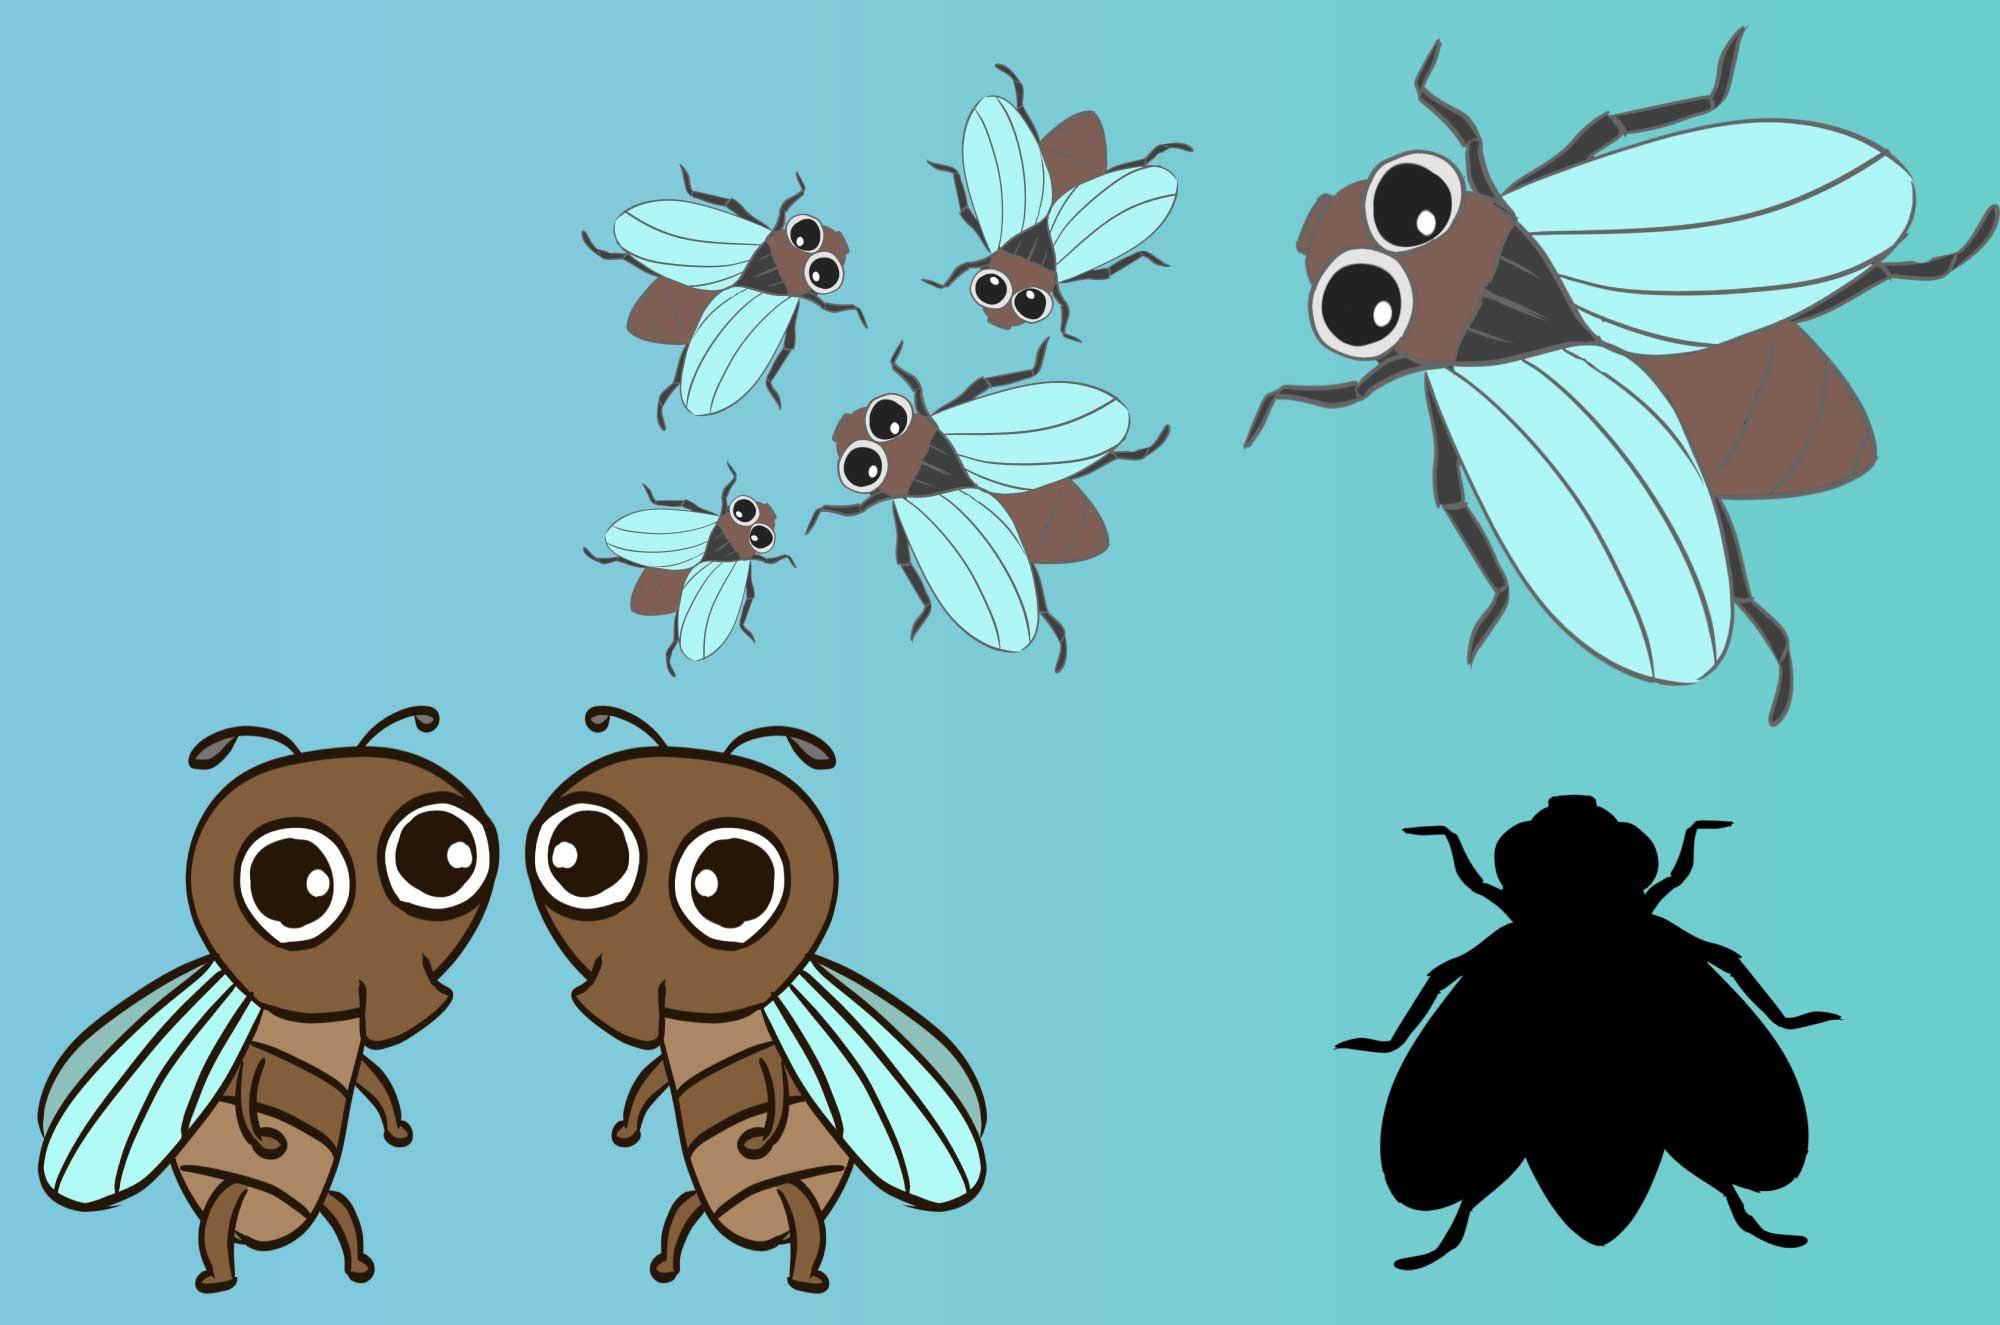 ハエの無料イラスト - 害虫・可愛い昆虫の素材